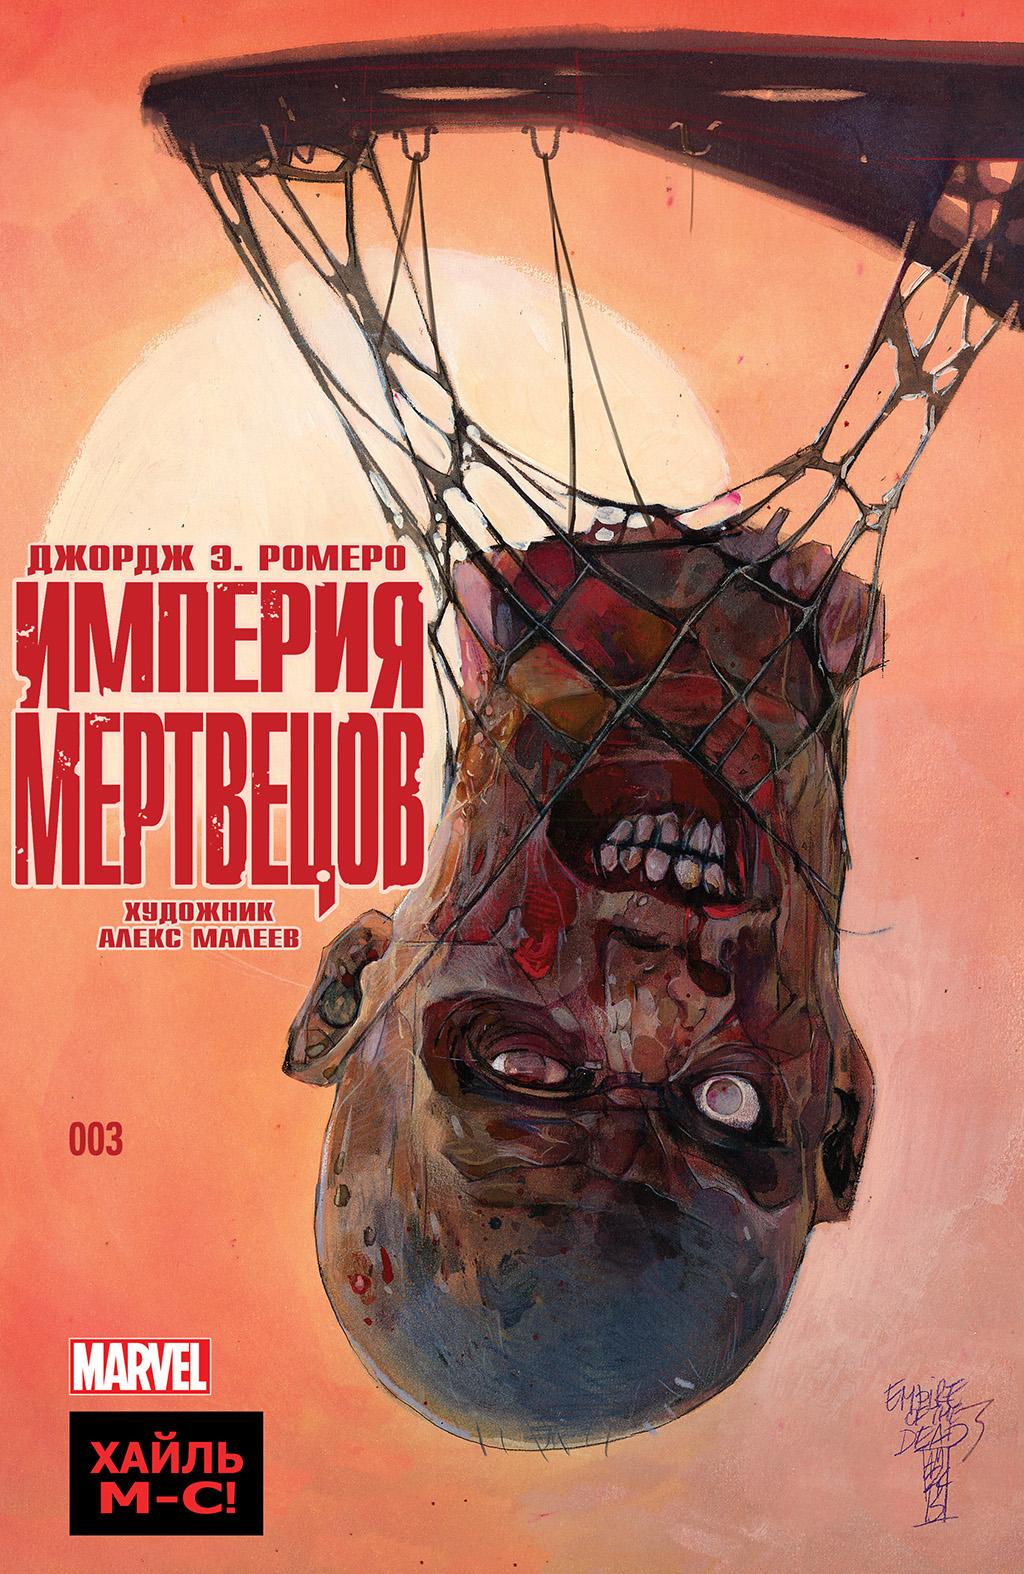 Комикс Джордж Э. Ромеро Империя Мертвецов